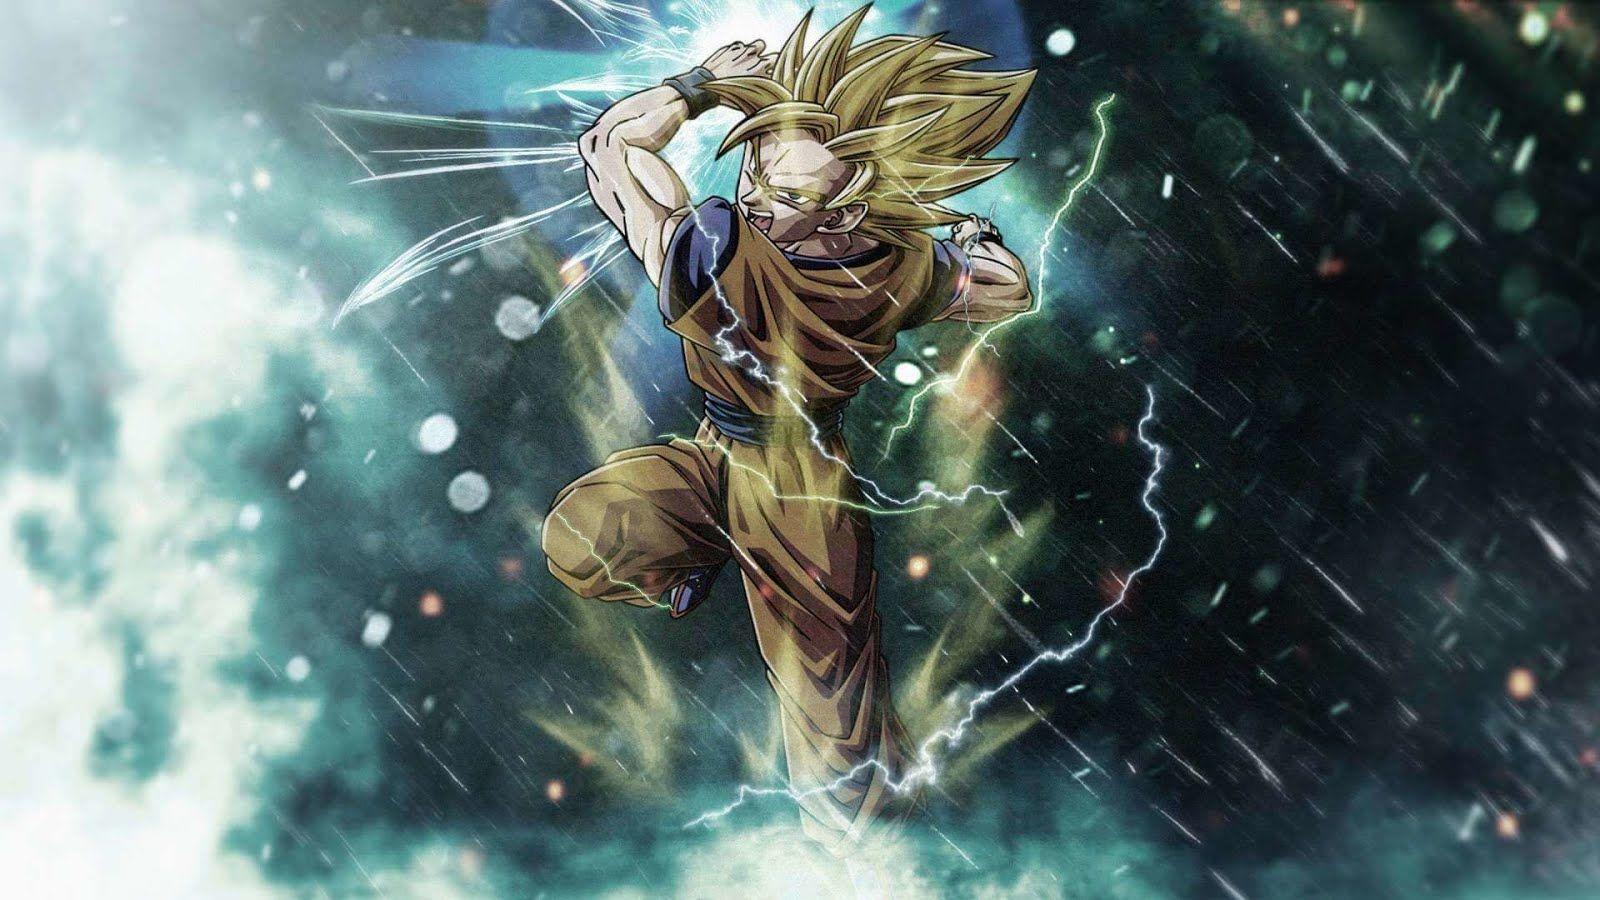 20 Hình nền Anime full HD đẹp cho máy tính   Dragon ball z, Dragon ball  art, Goku wallpaper